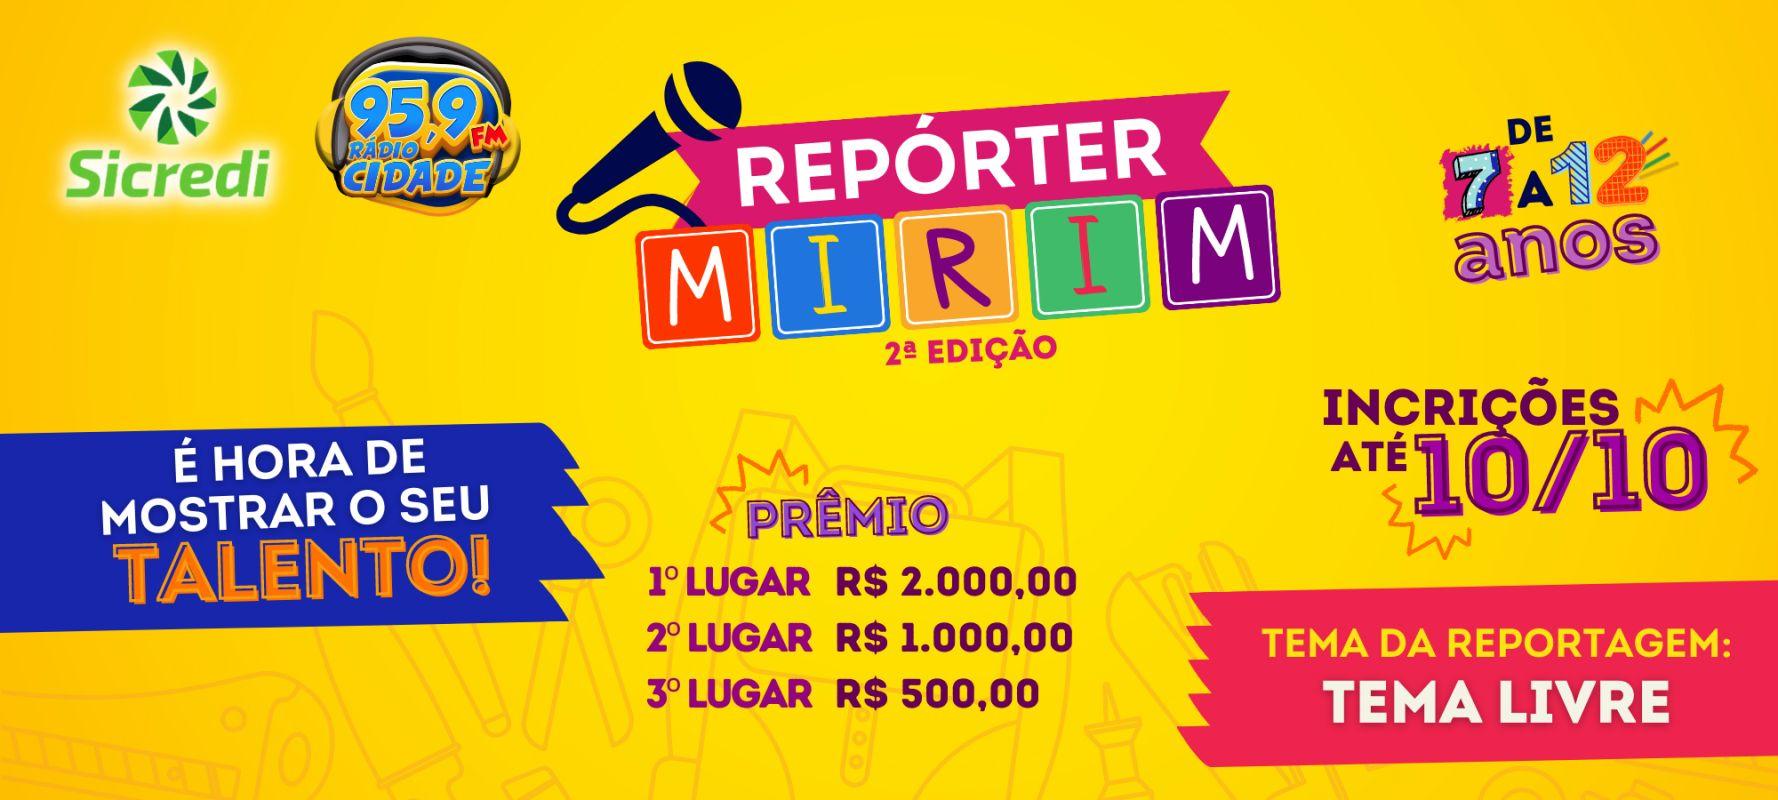 Repórter Mirim 2021, inscrições abertas até as 18h do dia 10 de outubro 2021